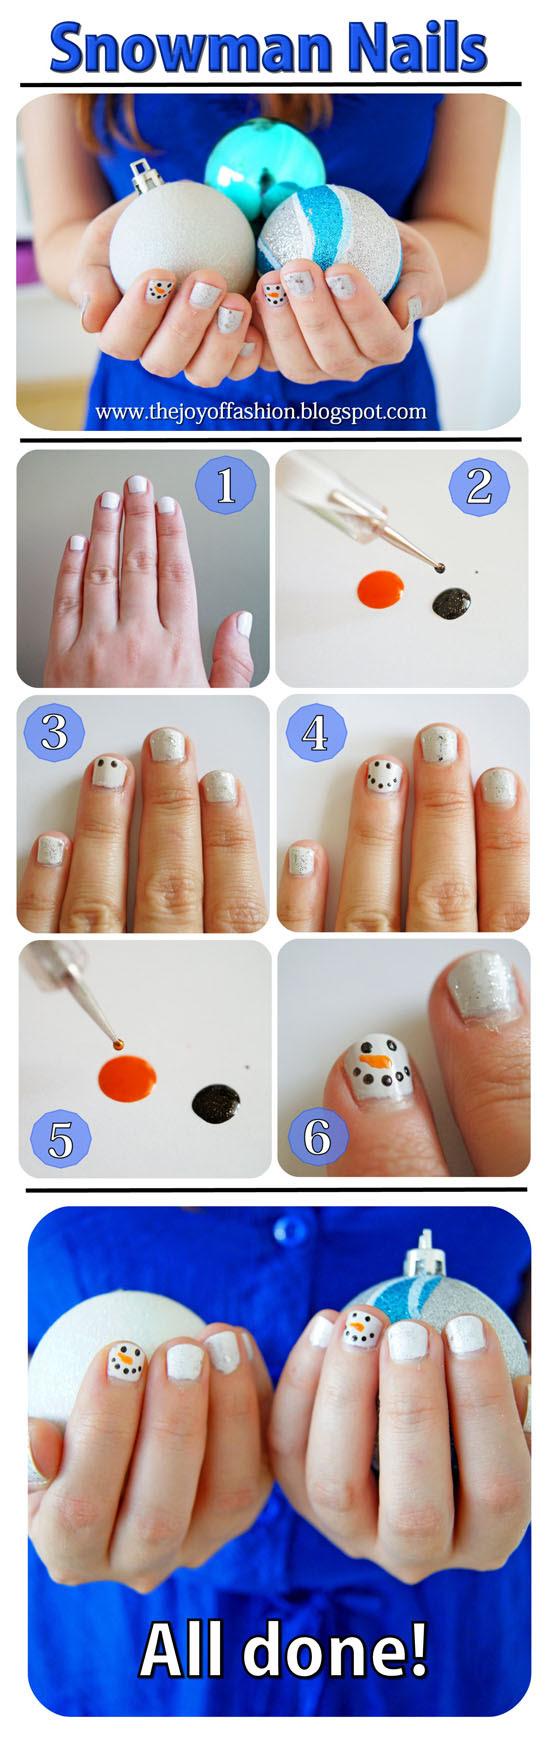 12 Dec - Snowman Nails - Small